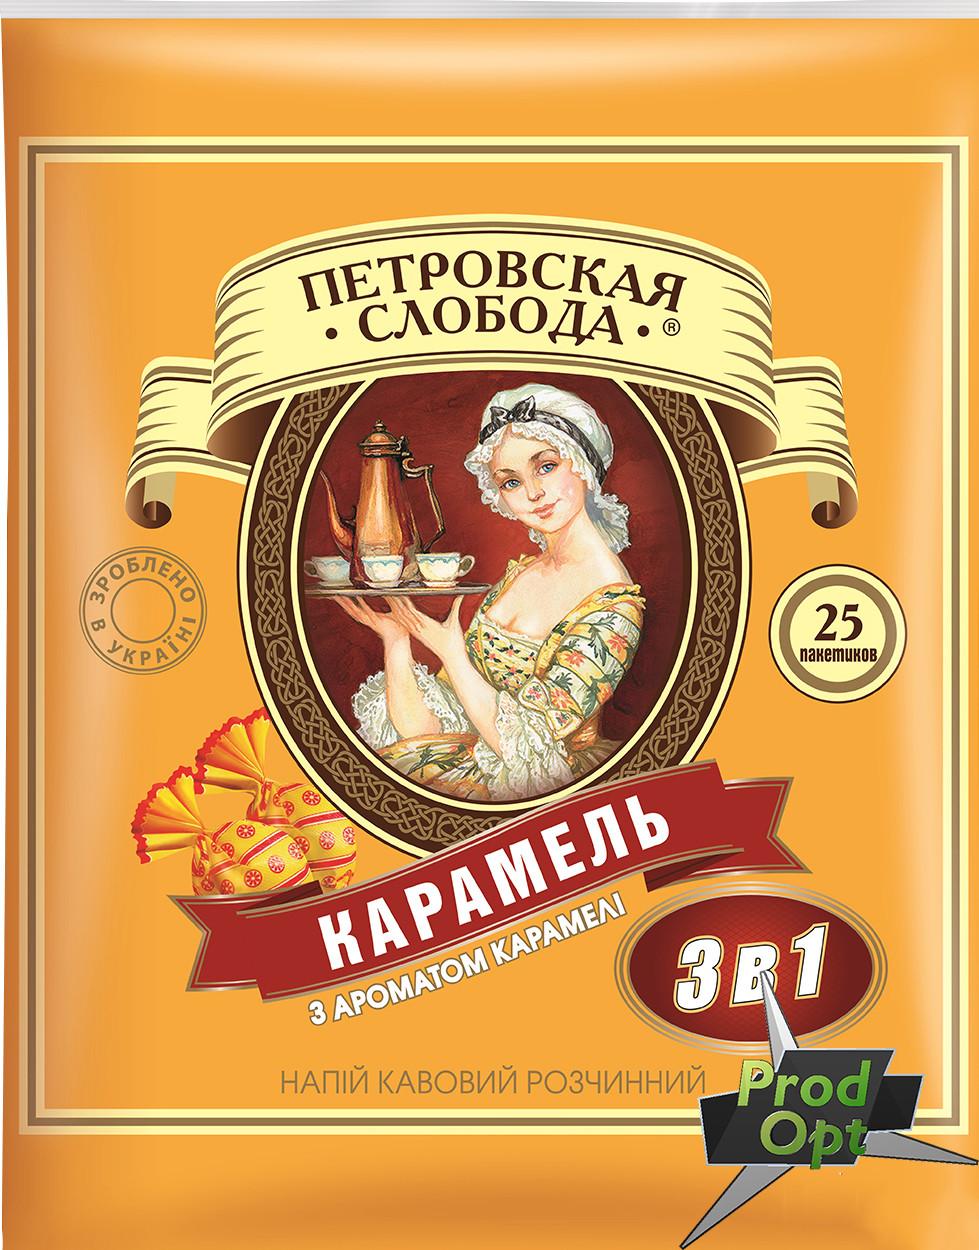 Кава розчинна Петровська Слобода 3в1 карамель 25 пакетів